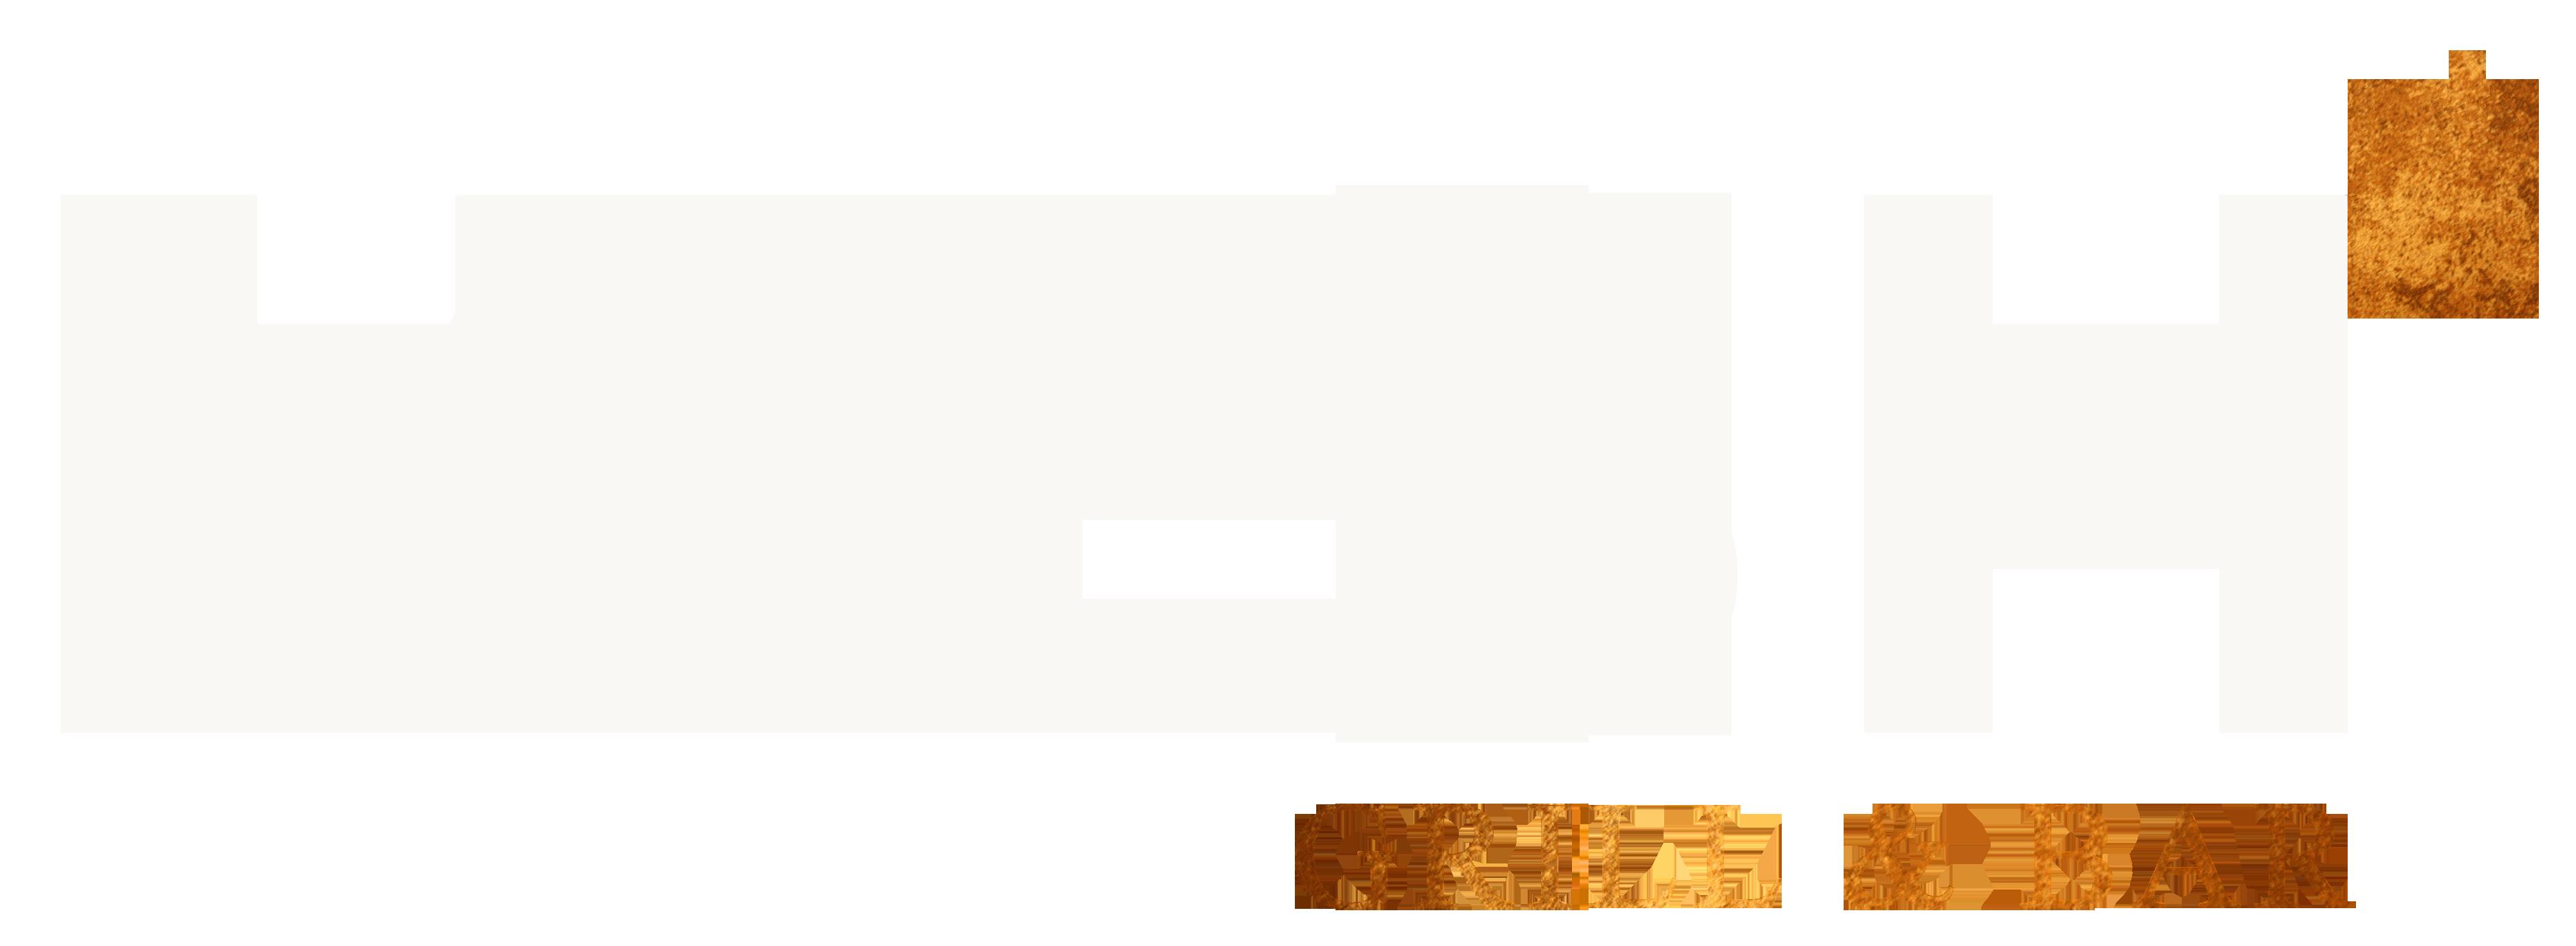 Mesh Steakhouse